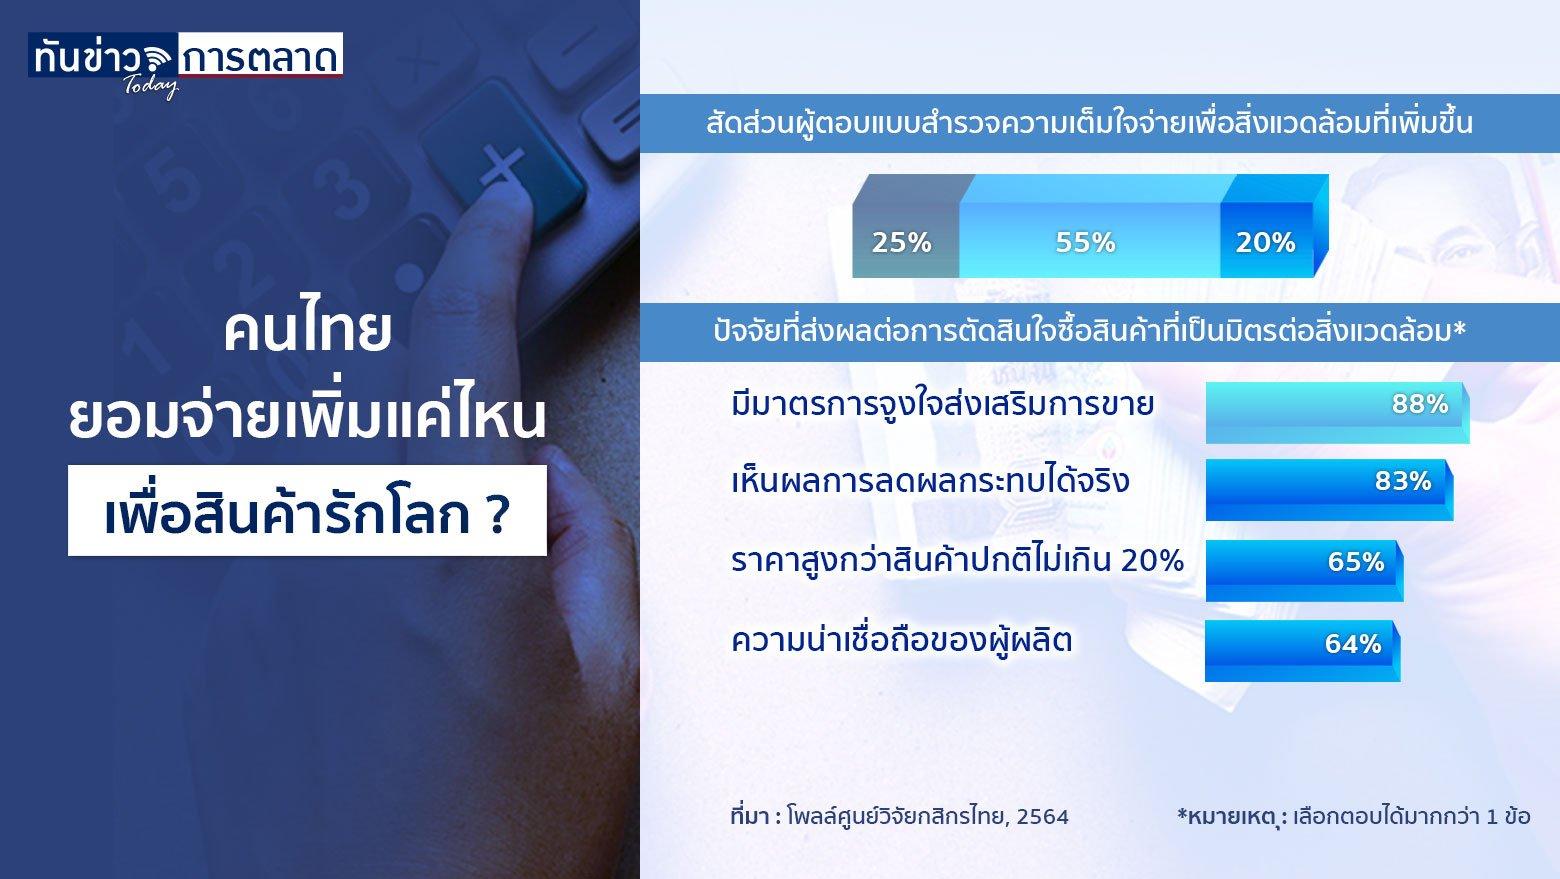 คนไทยยอมจ่ายเพิ่มแค่ไหน เพื่อสินค้ารักโลก ?